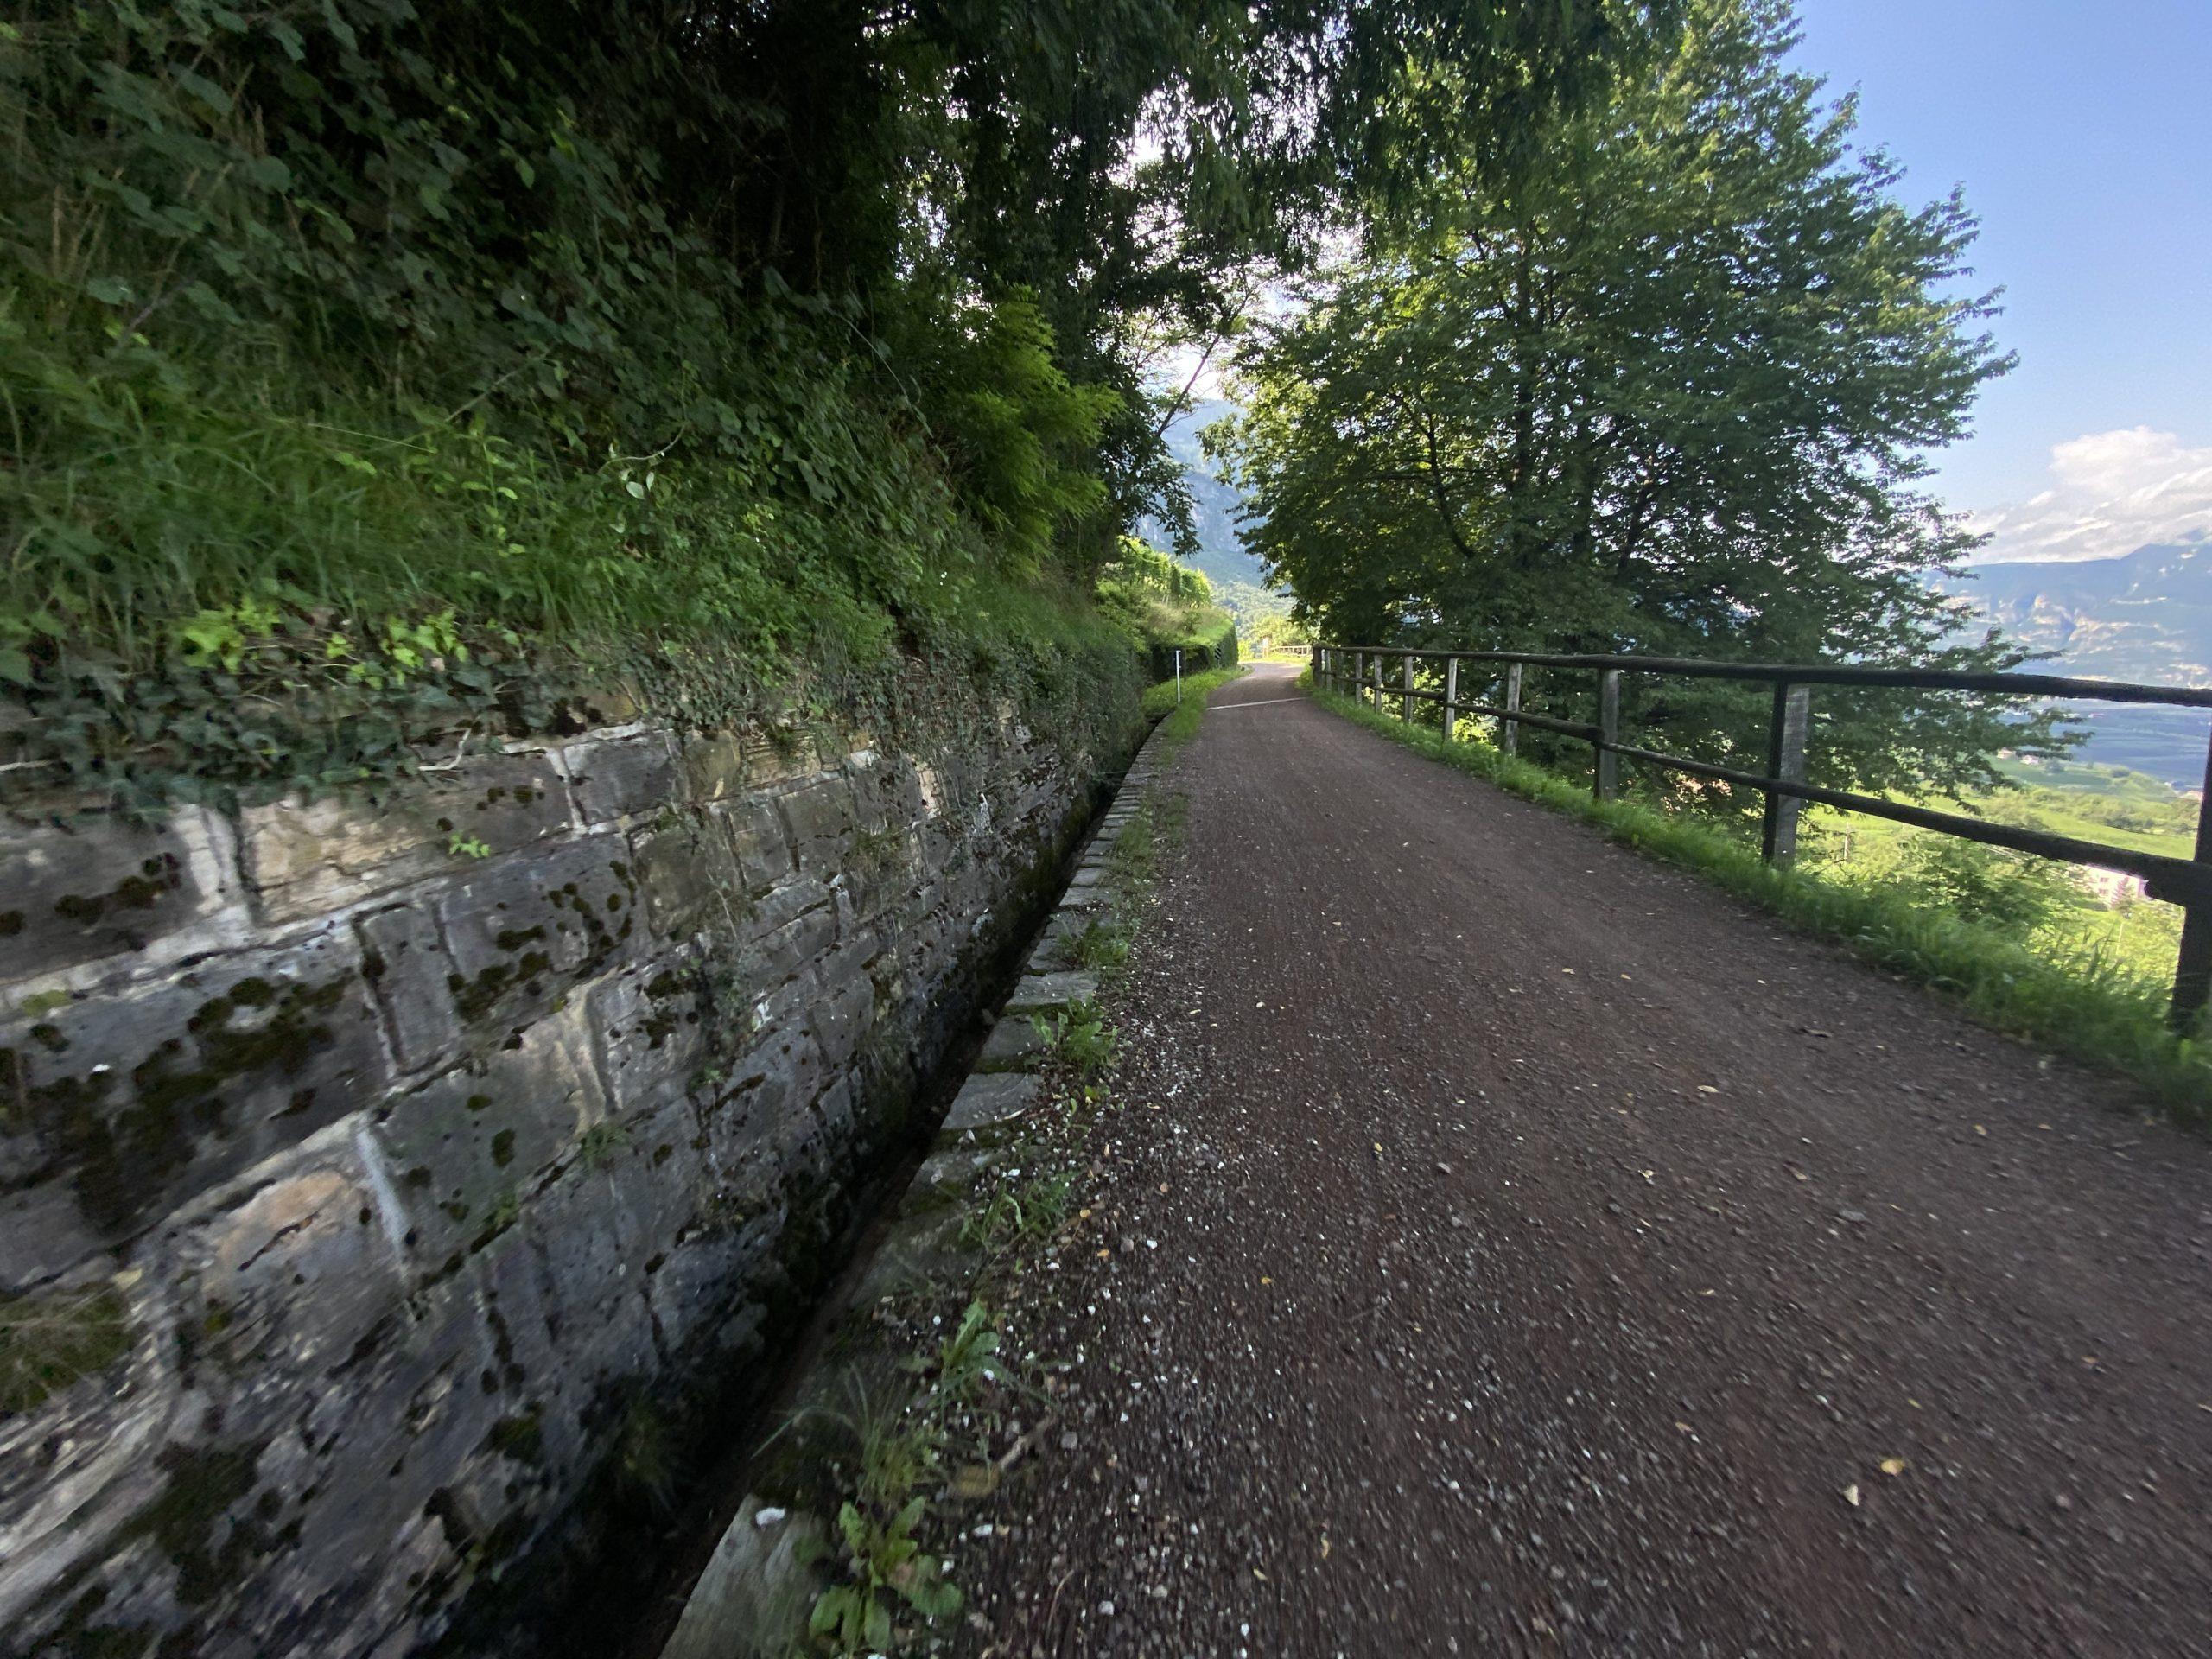 viaggiatore lento, viaggiare in bicicletta in italia, cìvacanze in bici in italia, cicloturismo in italia, gravel in Trentino Alto Adige, pedalando sulle dolomiti, il trentino in gravel, bikepacking in Trentino Alto Adige,